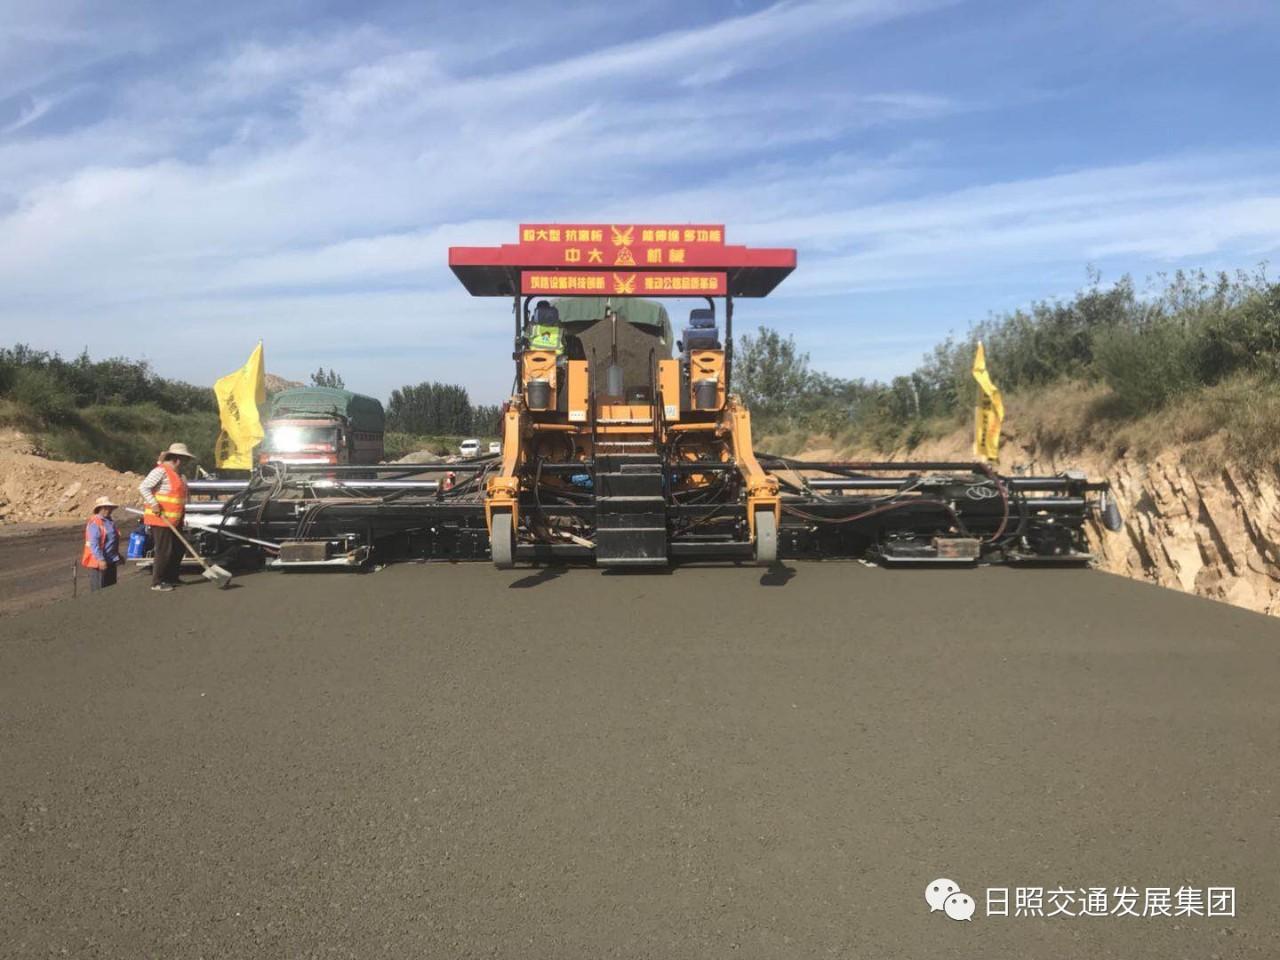 204国道绕城段改建工程成功应用大宽度大厚度摊铺技术